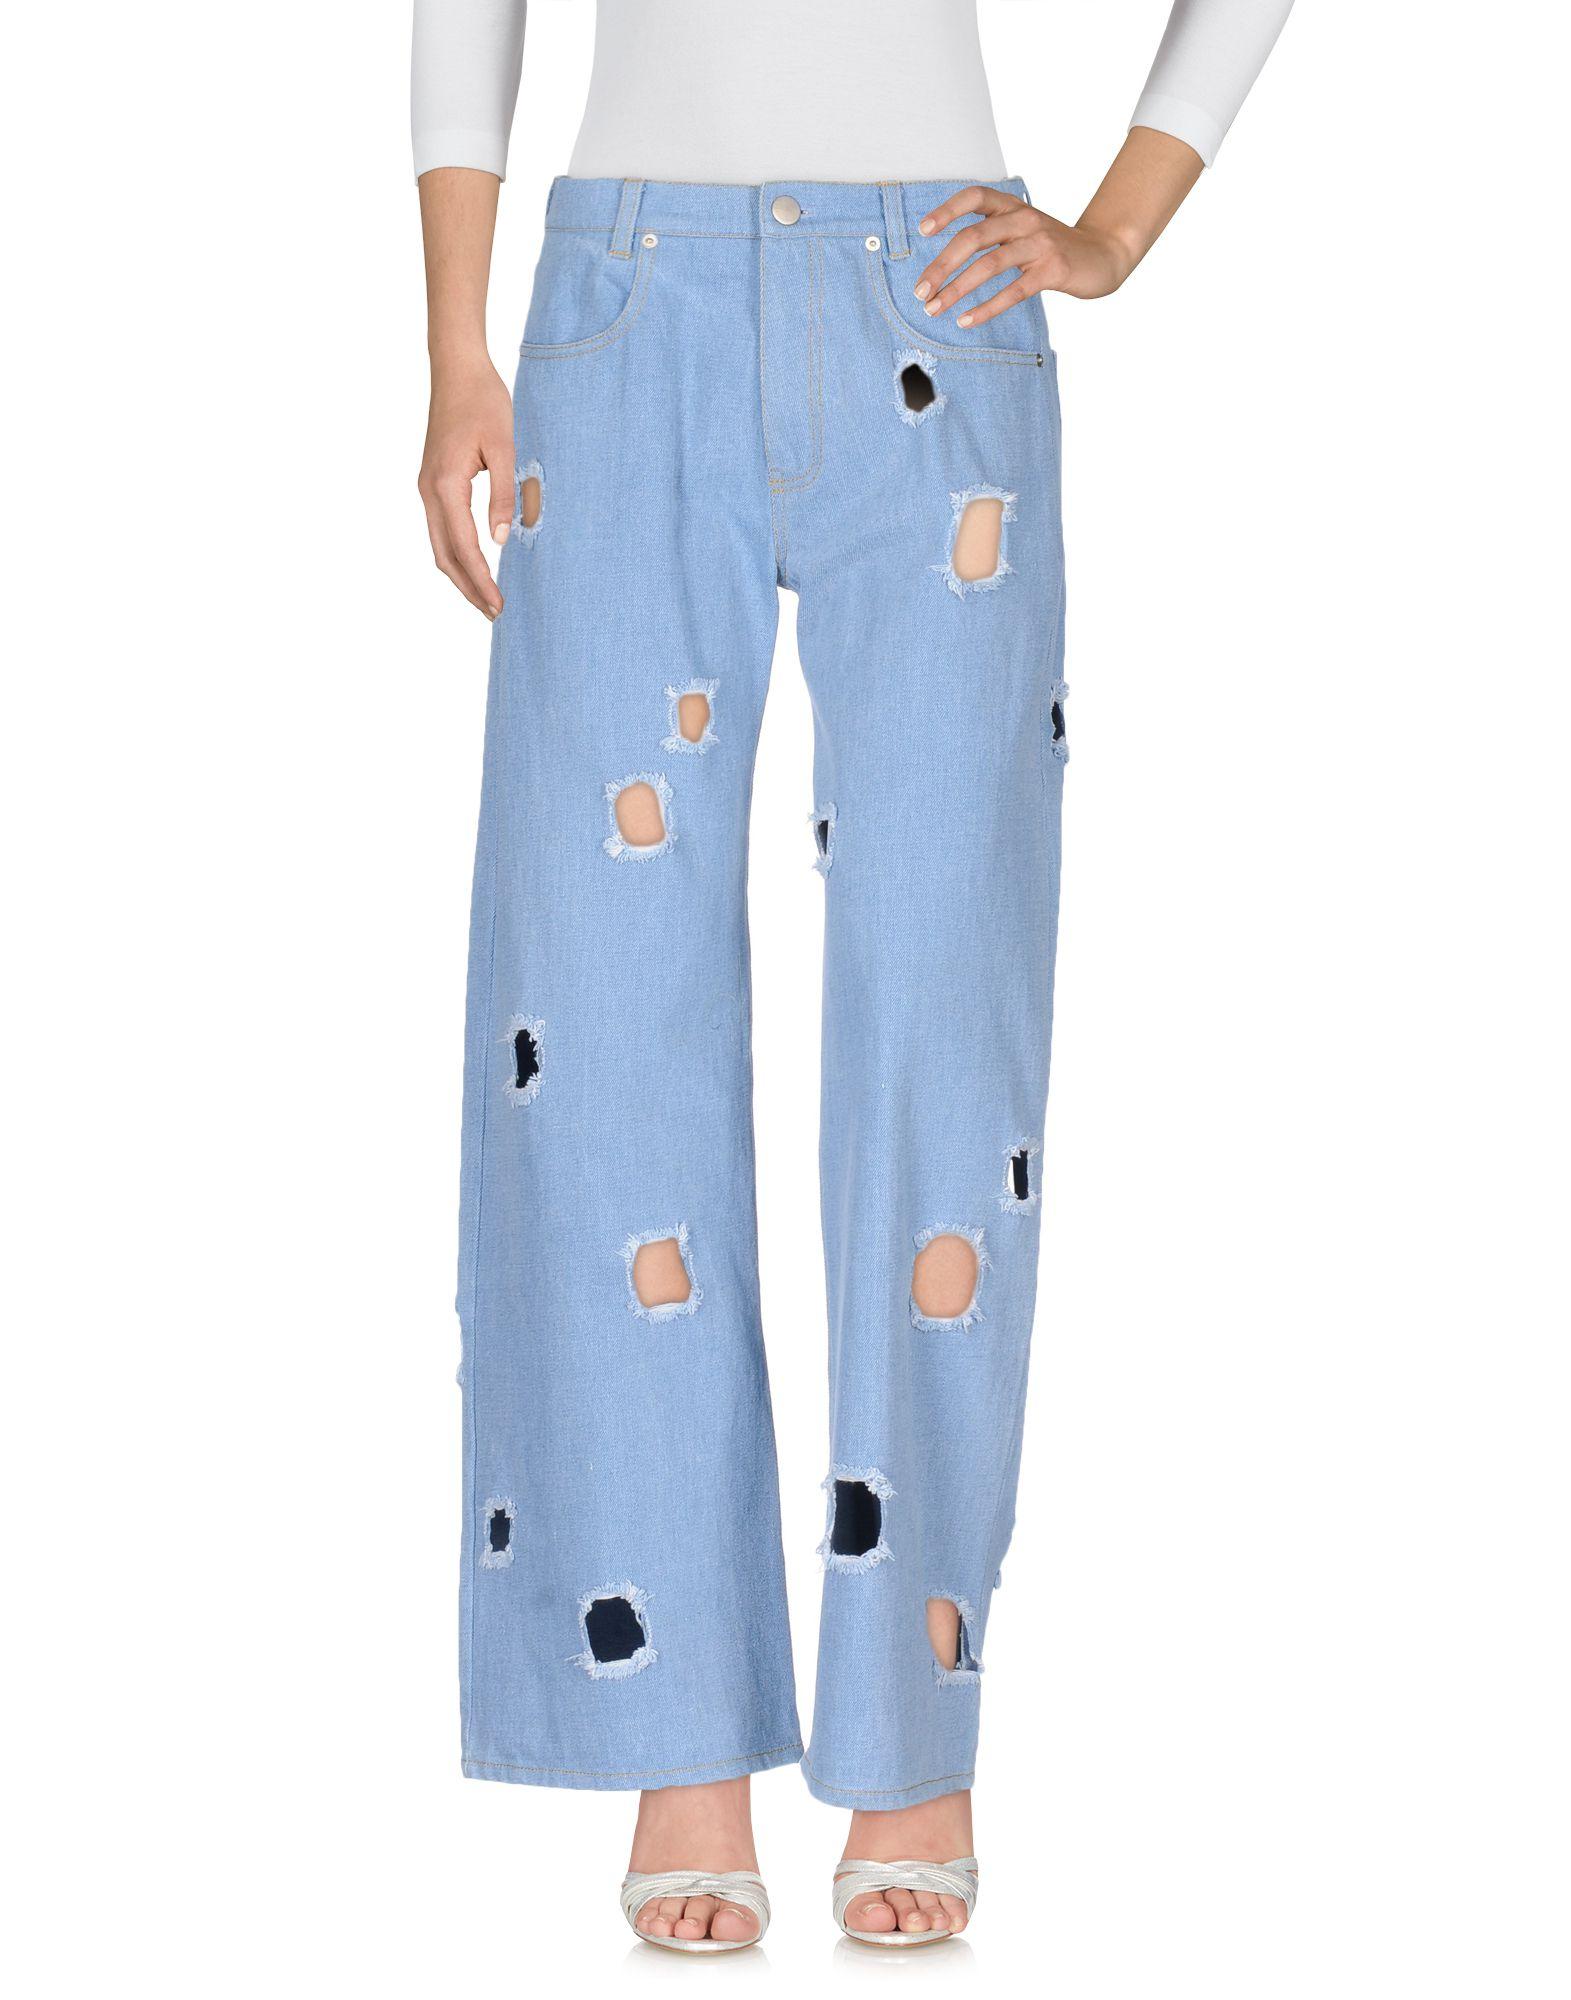 REJINA PYO Джинсовые брюки женские брюки лэйт светлый размер 56